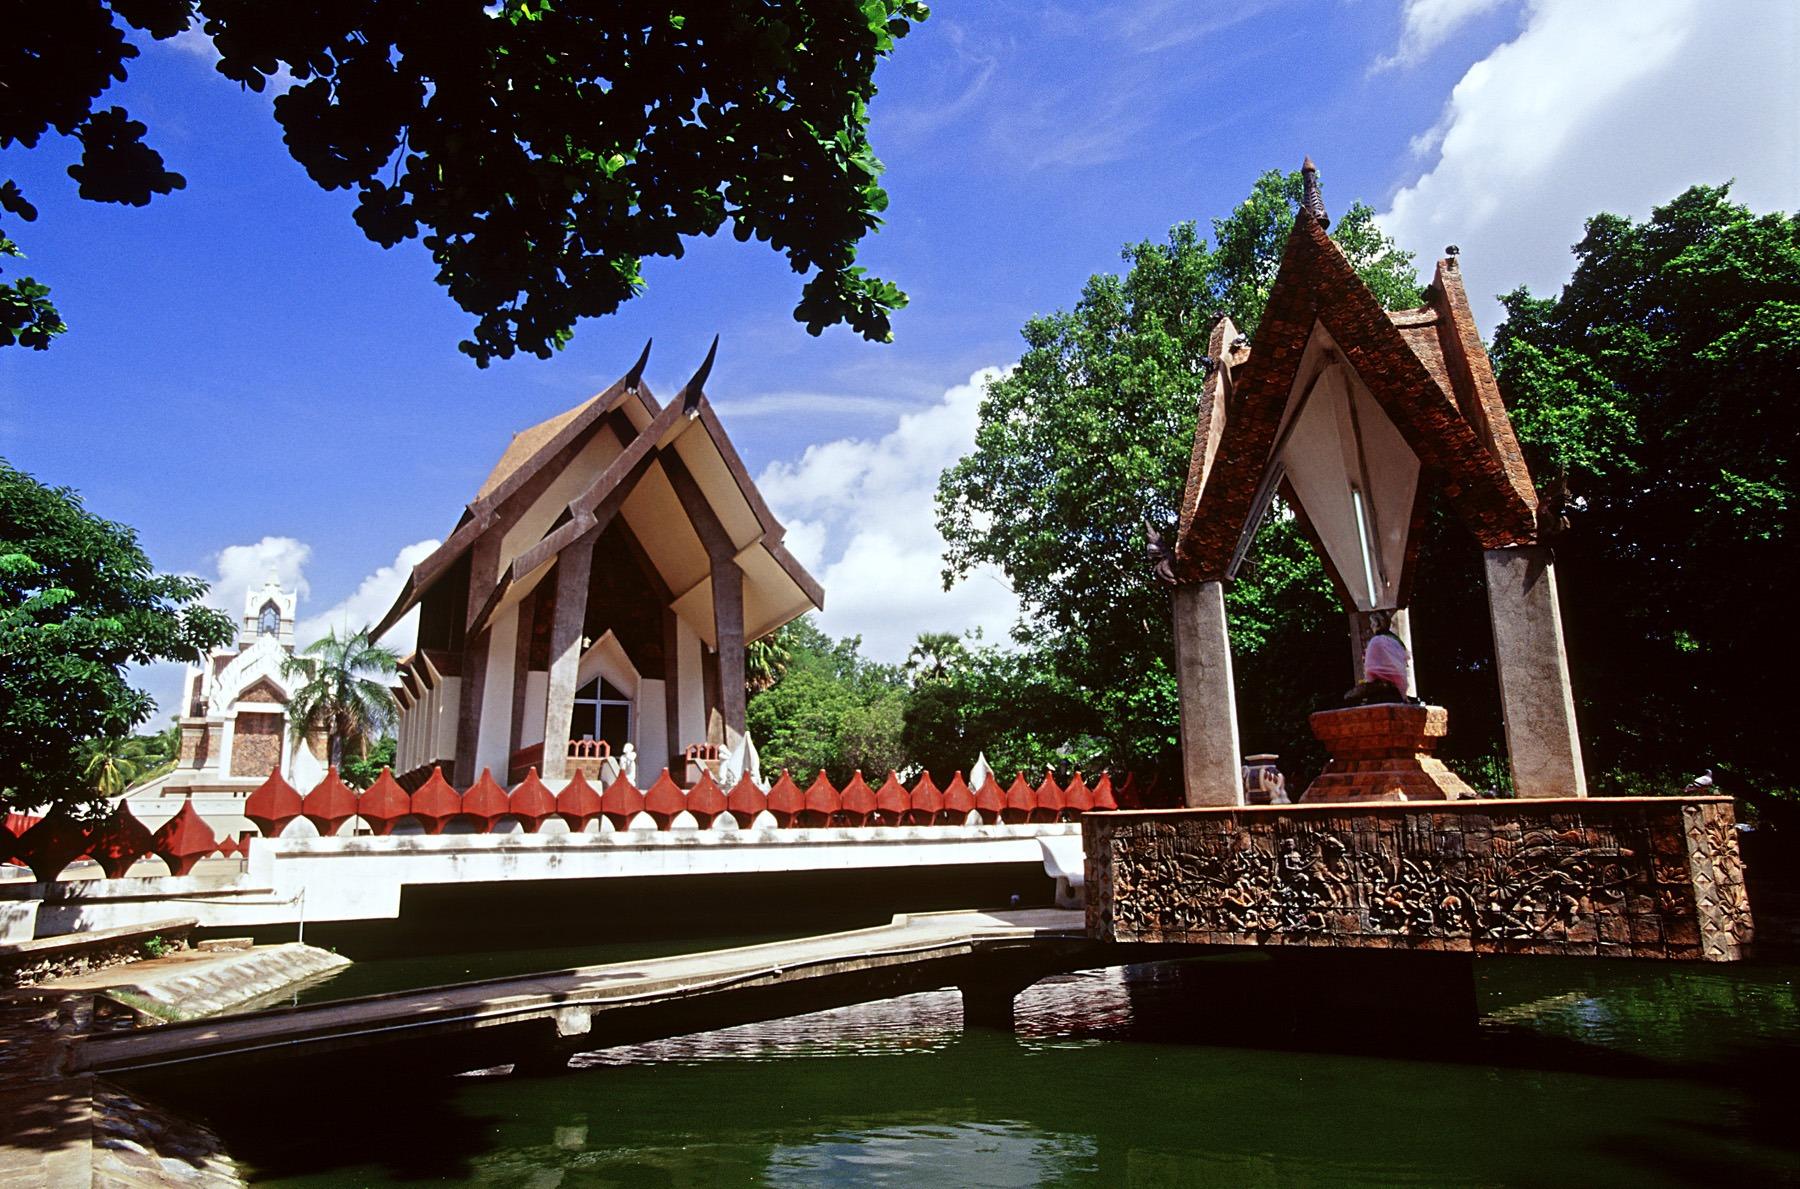 voyage sur mesure en thailande par esprit libre voyages